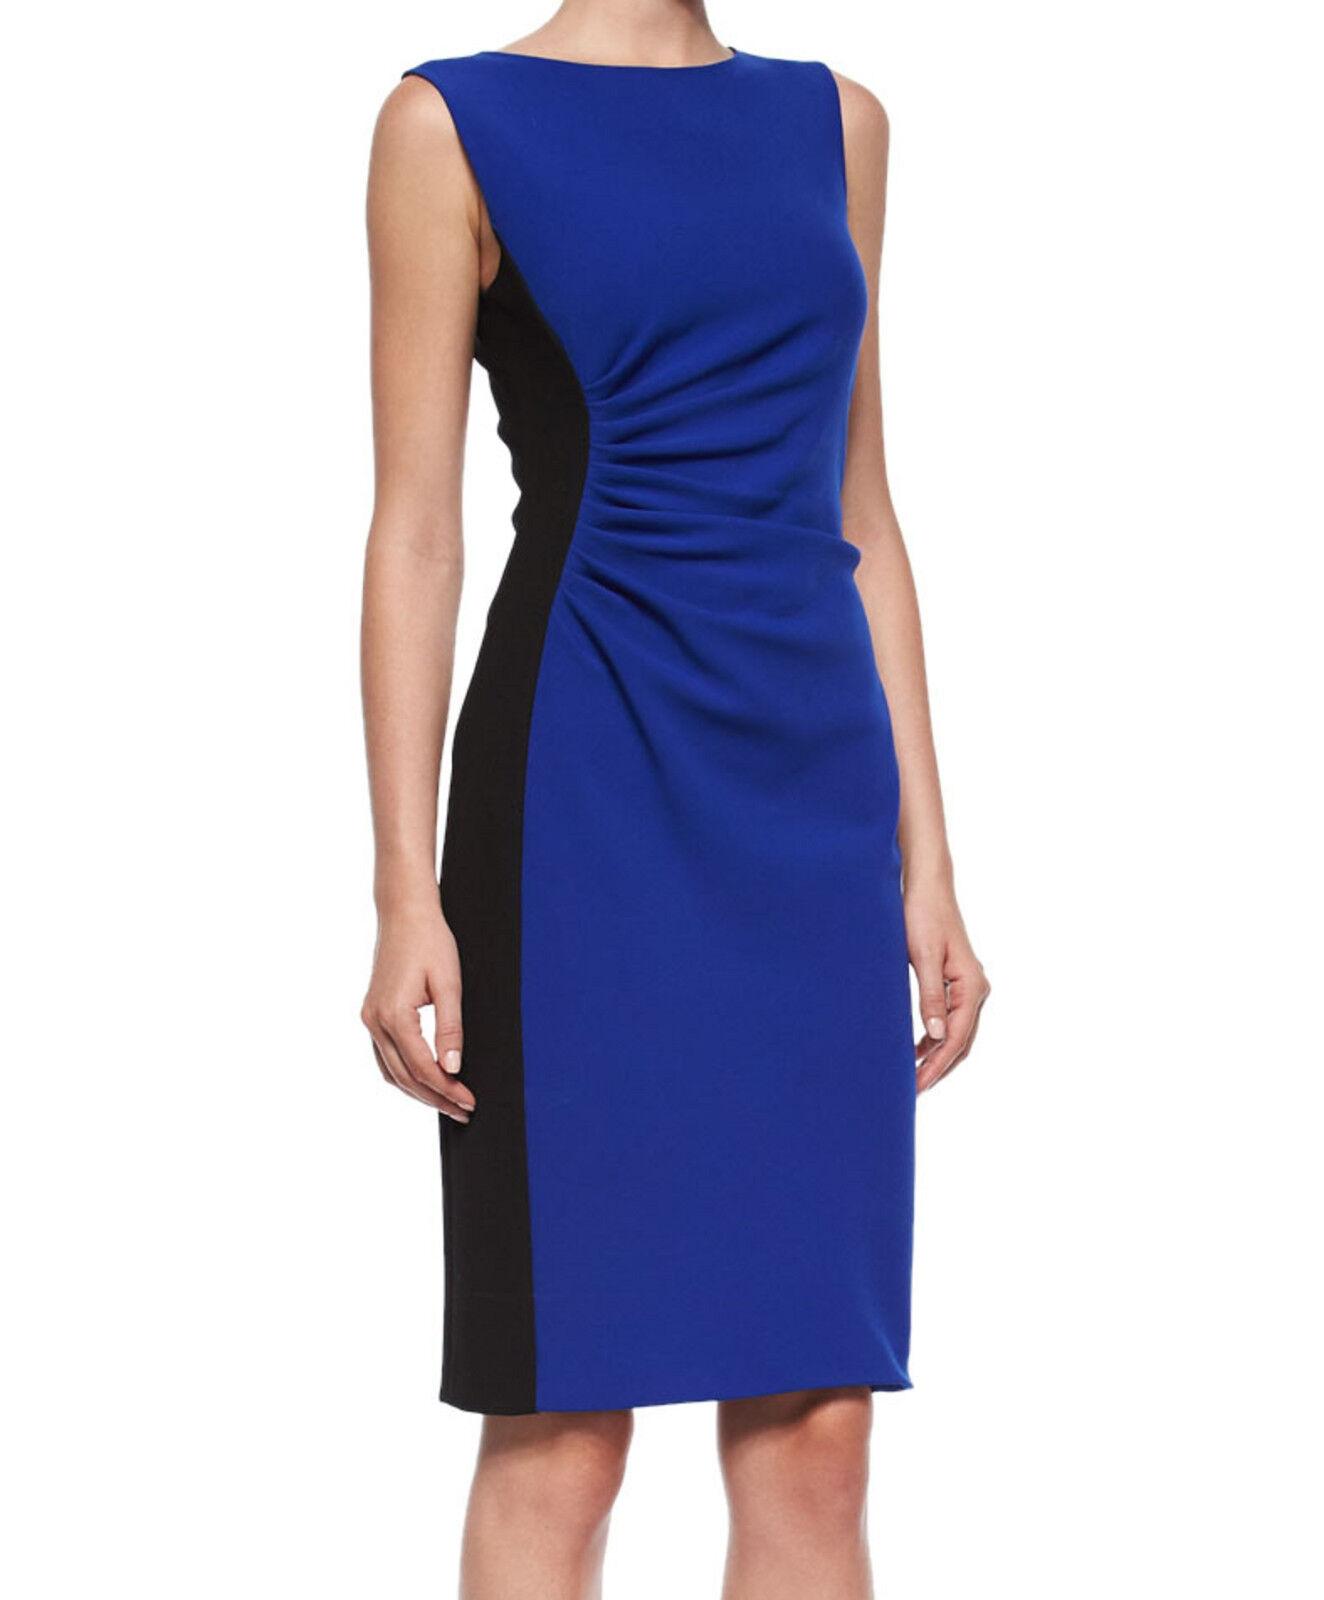 NWT  DVF Diane von Furstenberg Laura Sleeveless Ruched Sheath Dress Größe 0